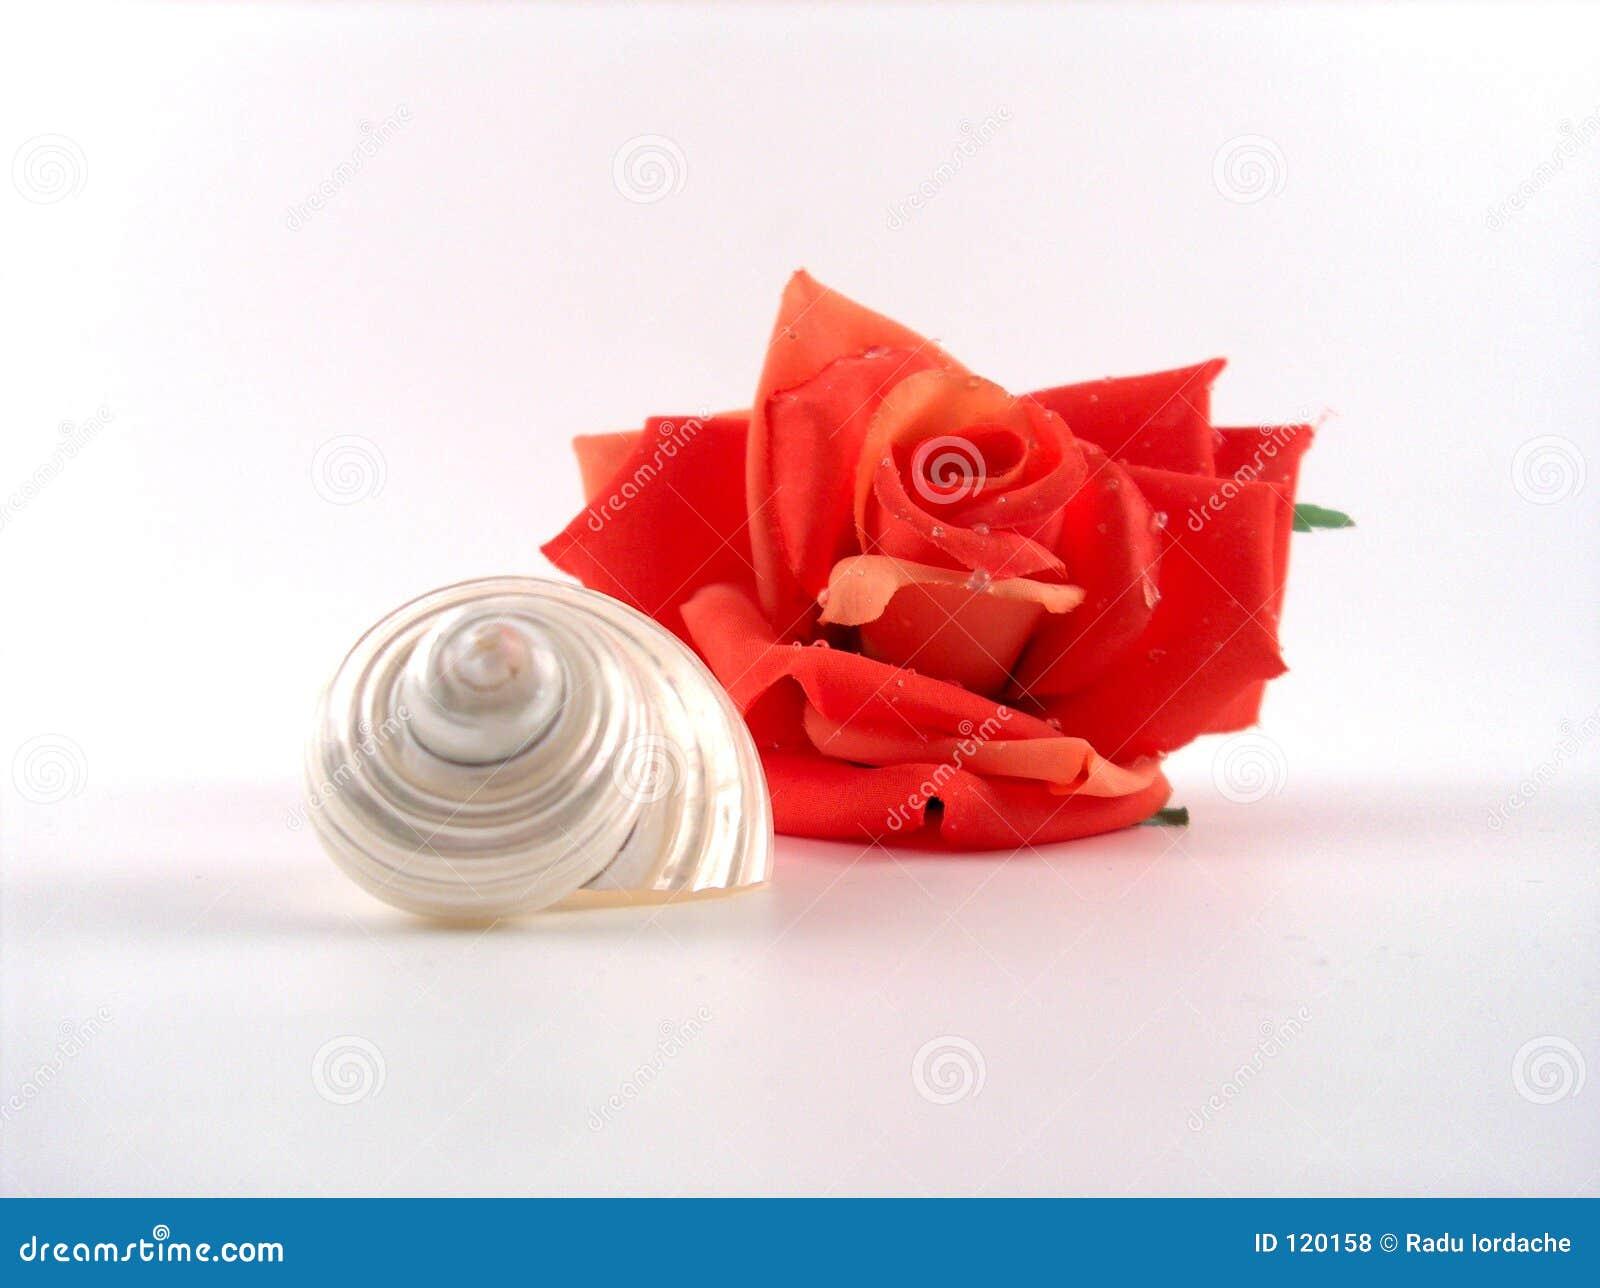 Rose und Shell